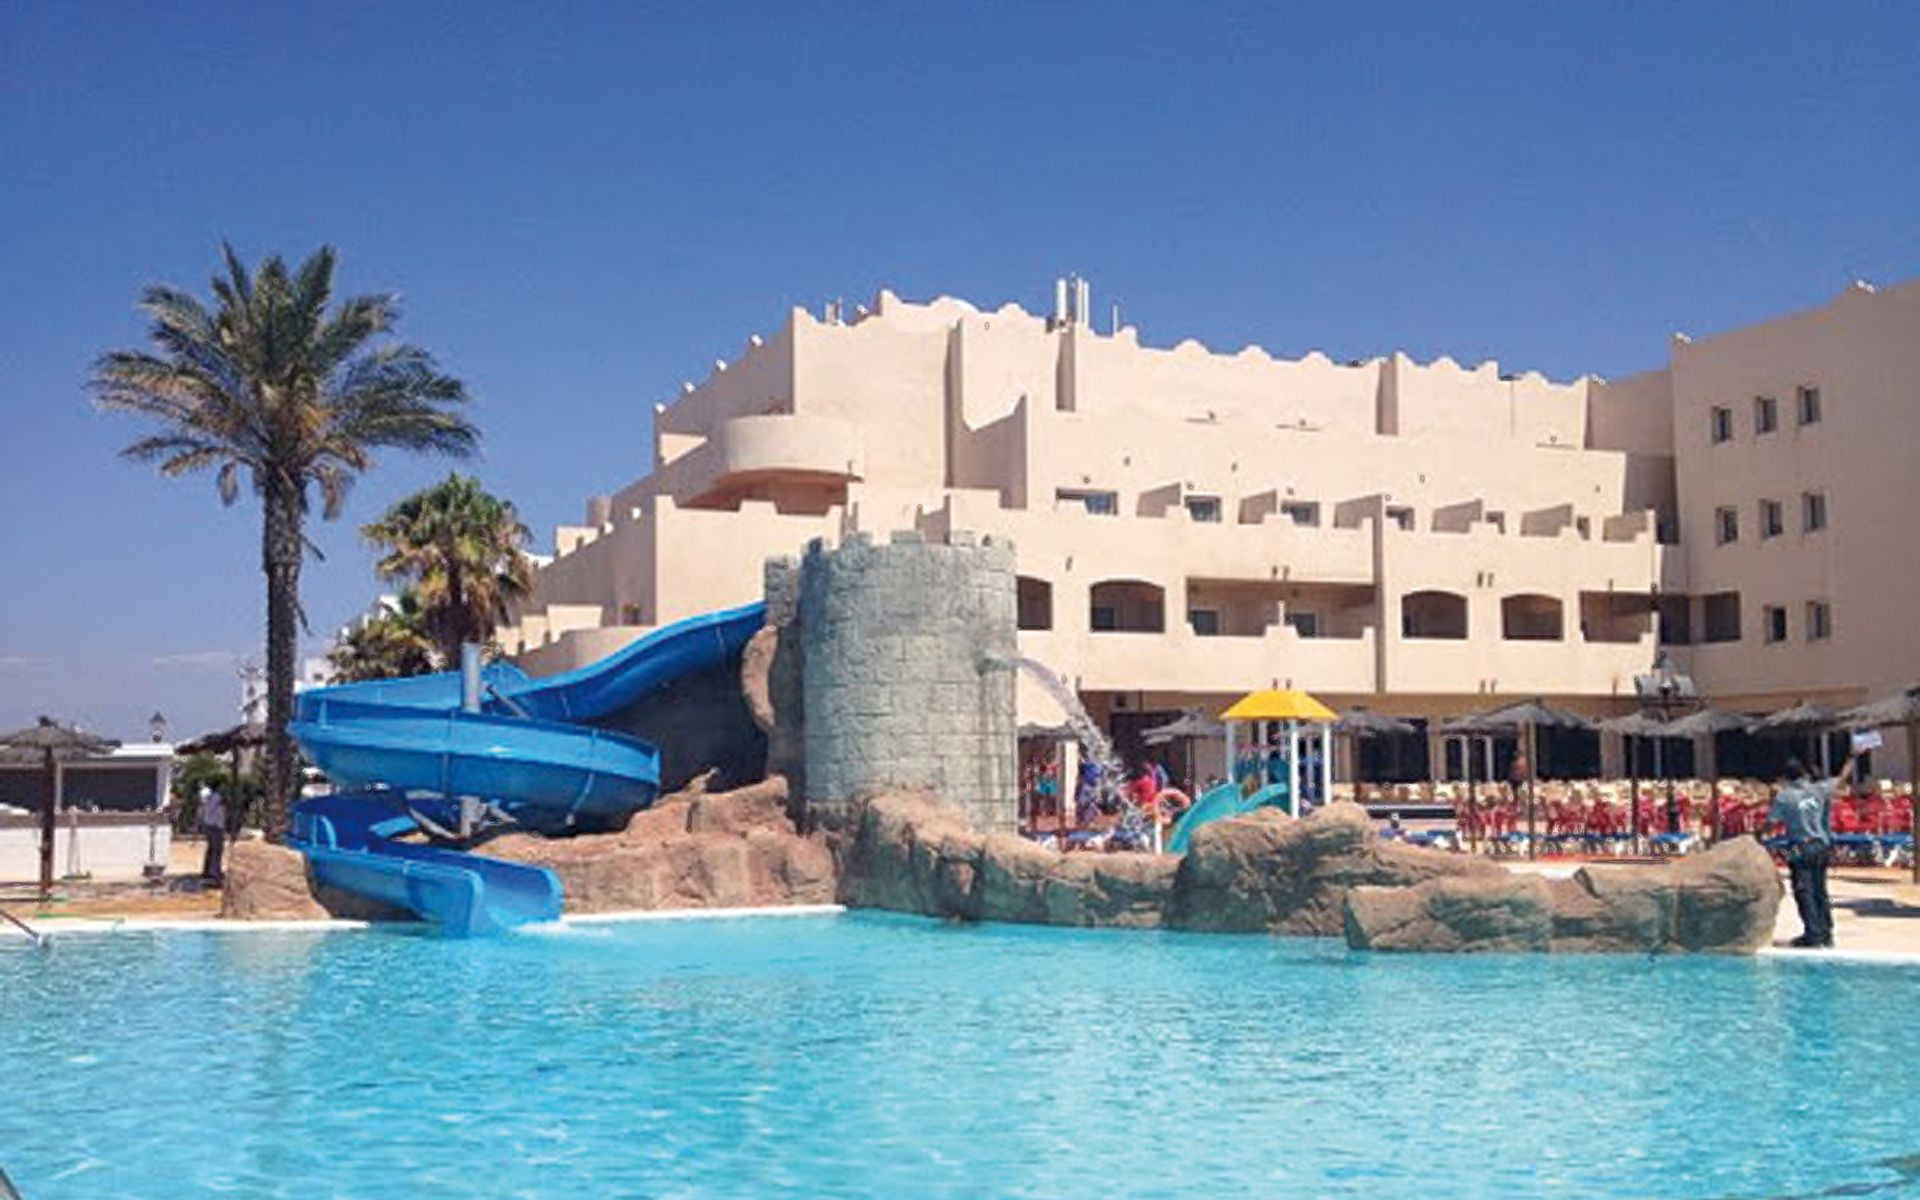 Hotel ath cabo de gata en cabo de gata almer a for Hoteles con piscina en almeria